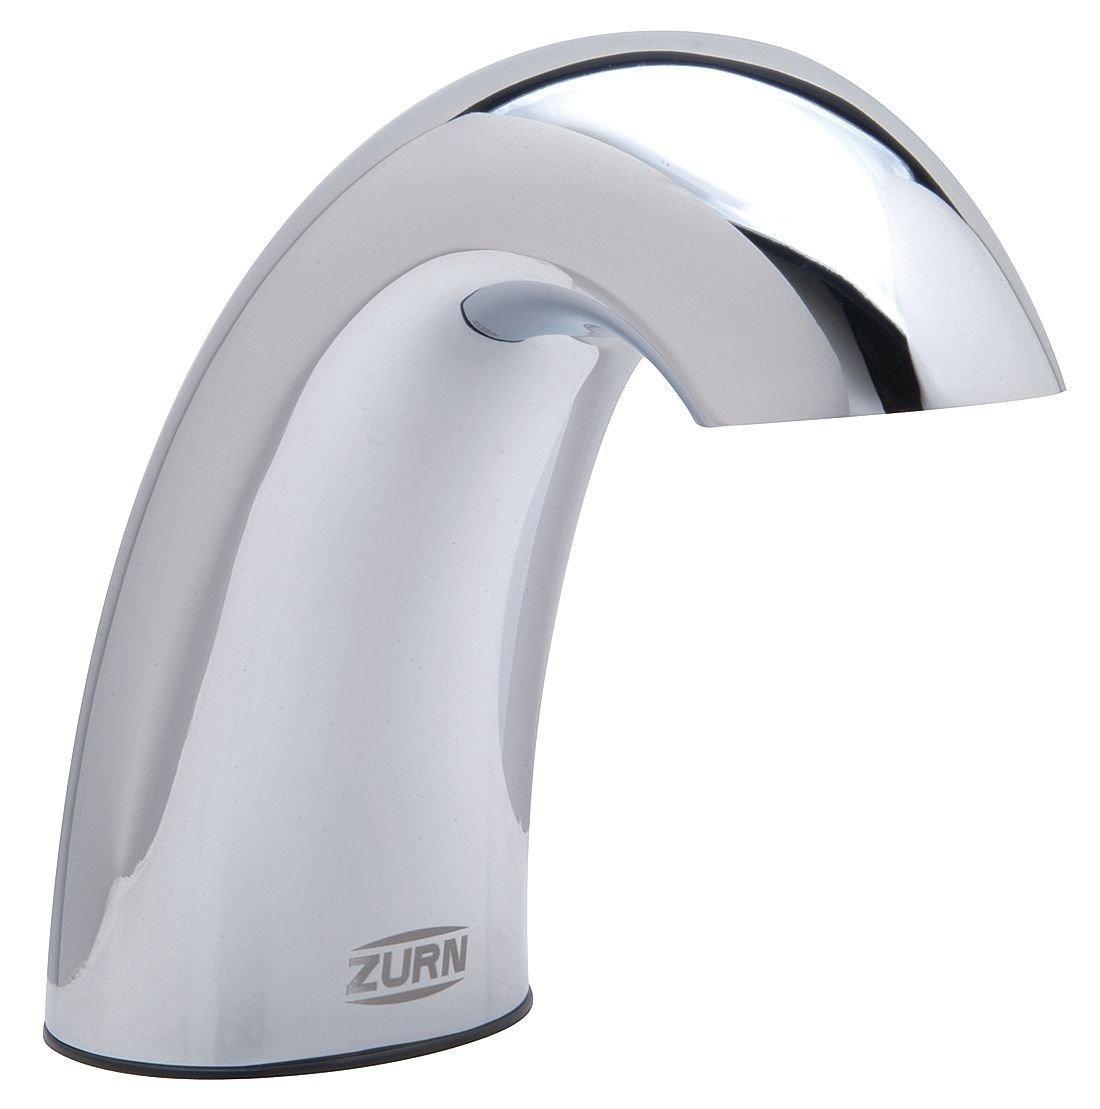 ZURN Z6930-XL Aquasense Battery Powered Faucet, Chrome Plated ...